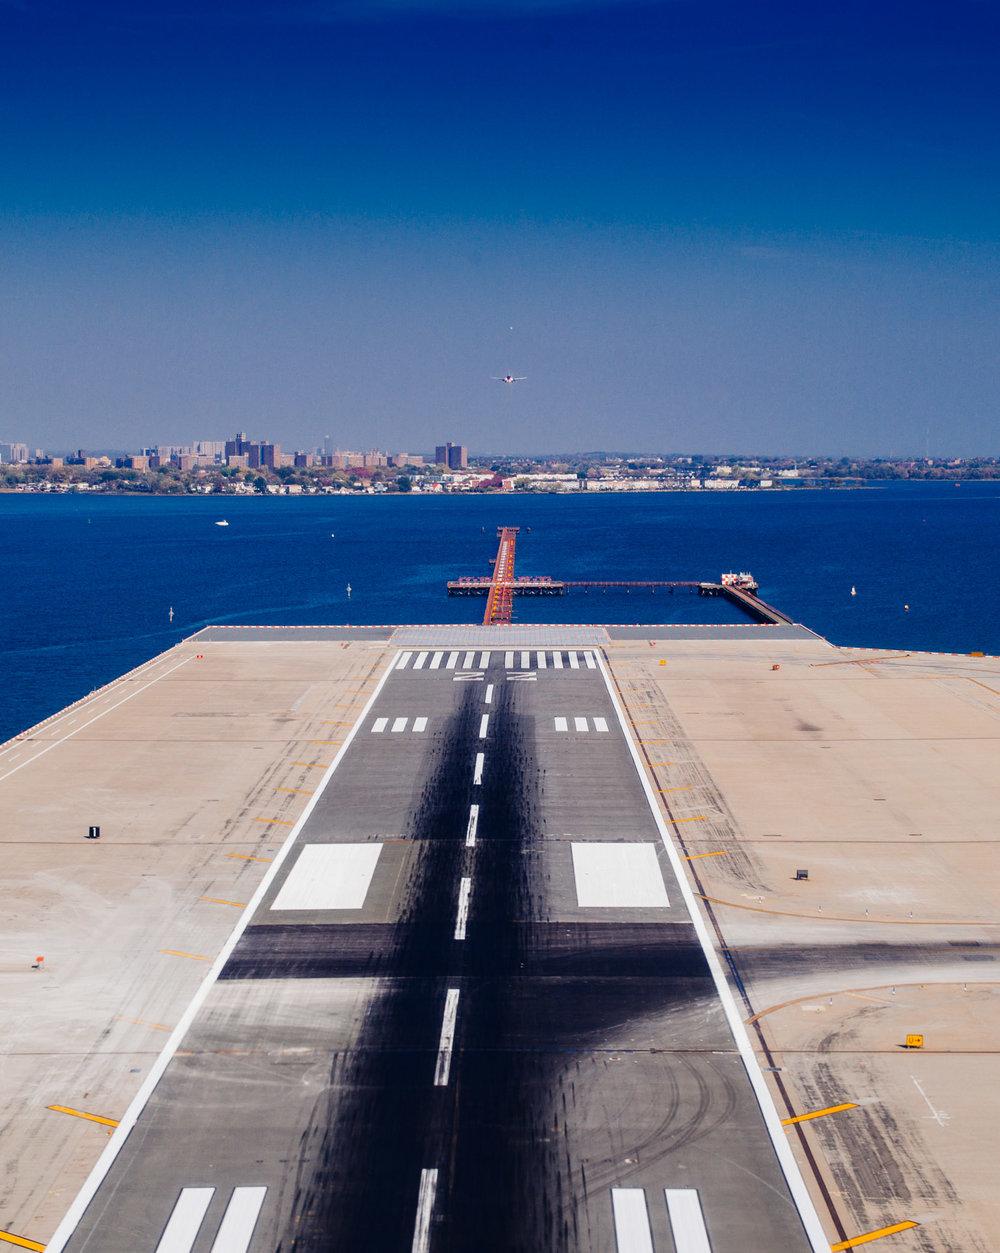 LaGuardia airport, Queens.